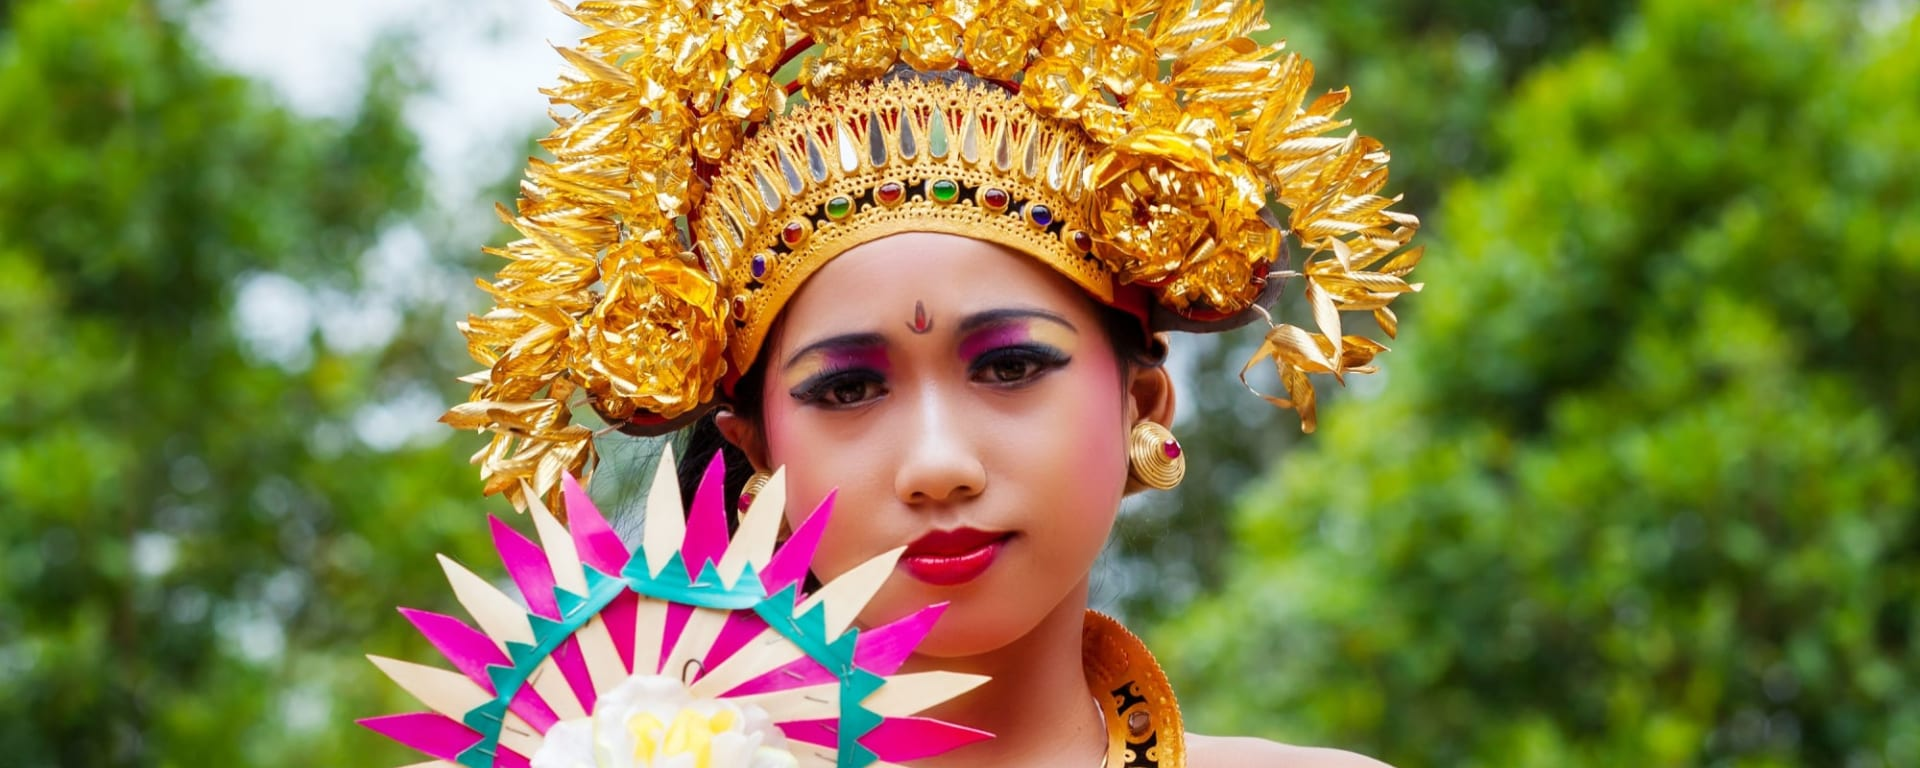 Bali Highlights, DE, Ganztägig in Süd-Bali: Indonesien Bali Tänzerin